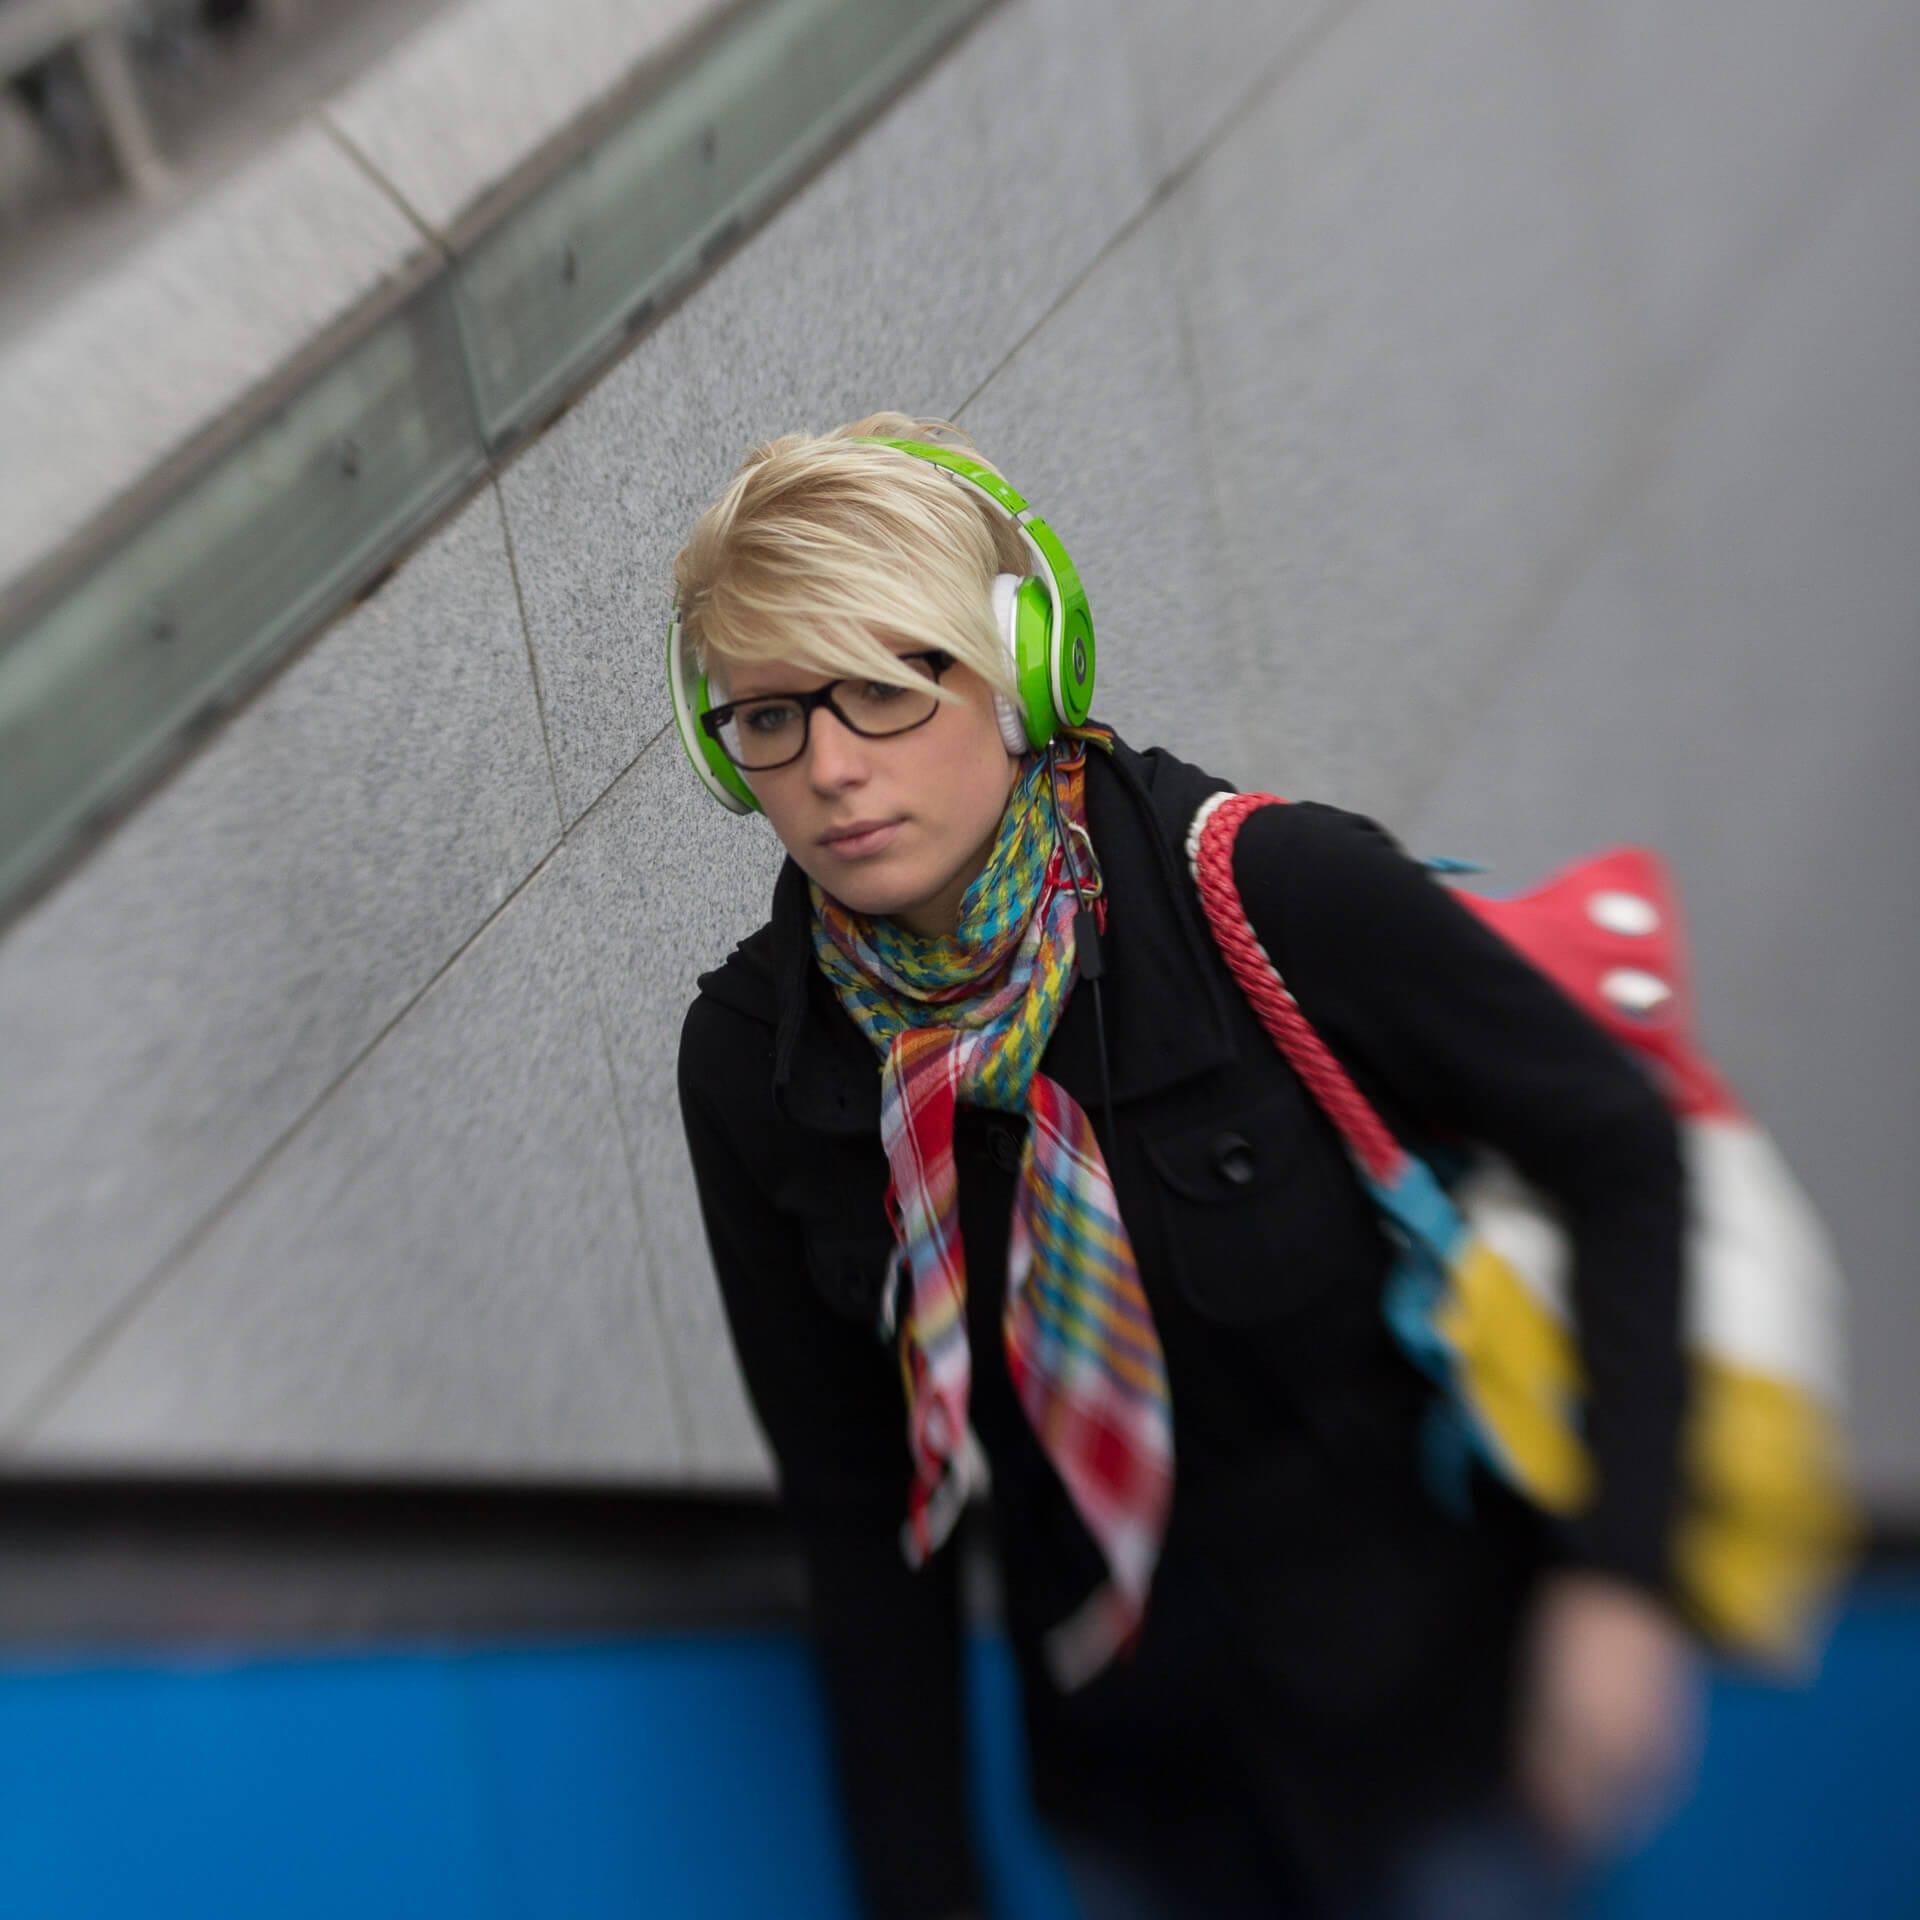 Miss Green | Streetfotografie